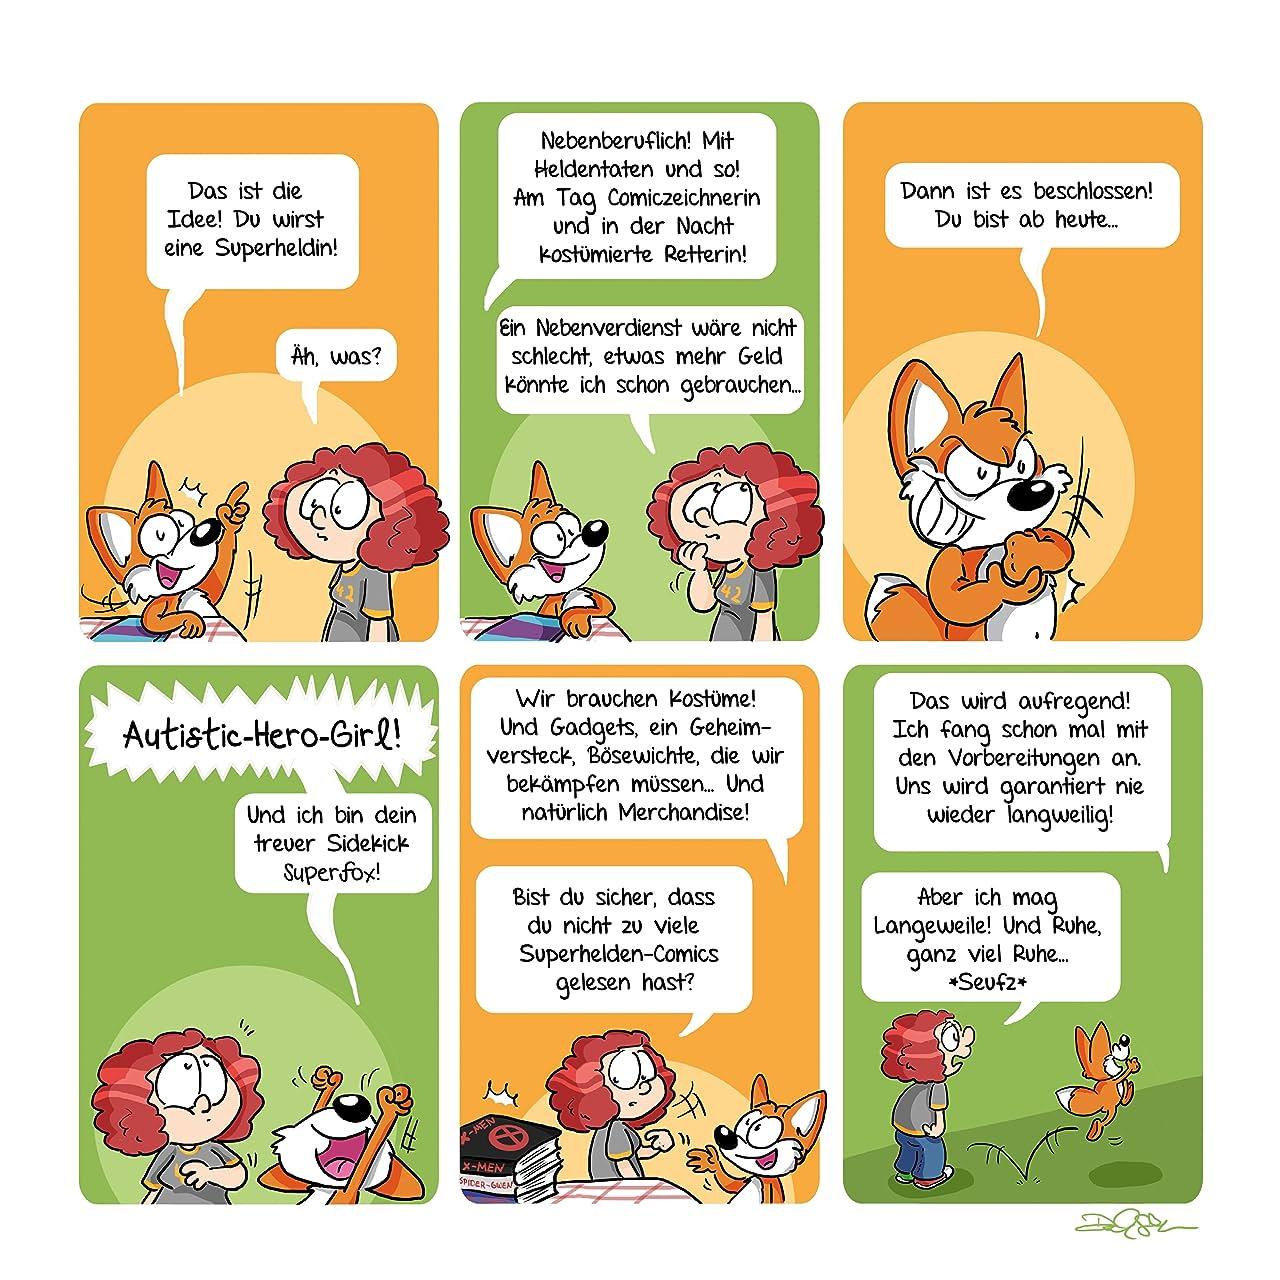 Die Abenteuer von Autistic-Hero-Girl